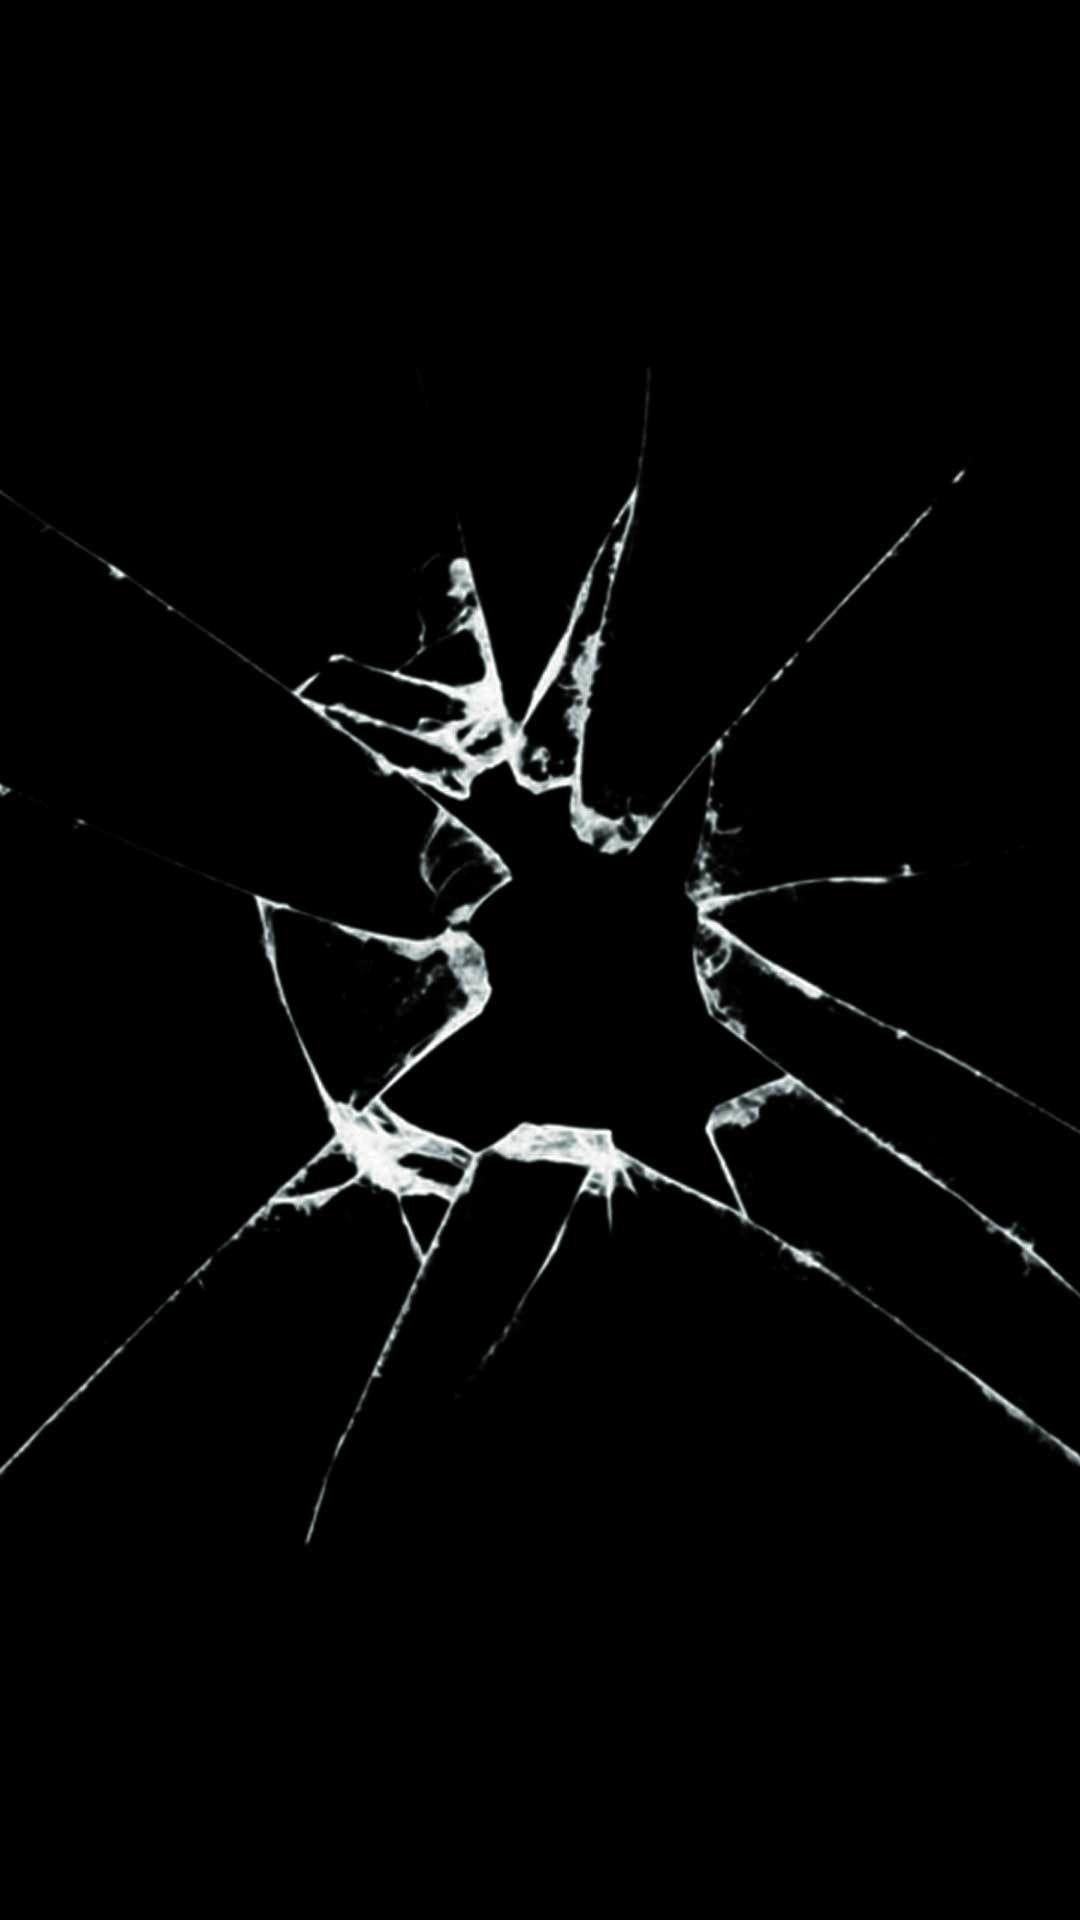 1080x1920 Broken Screen Wallpaper Iphone